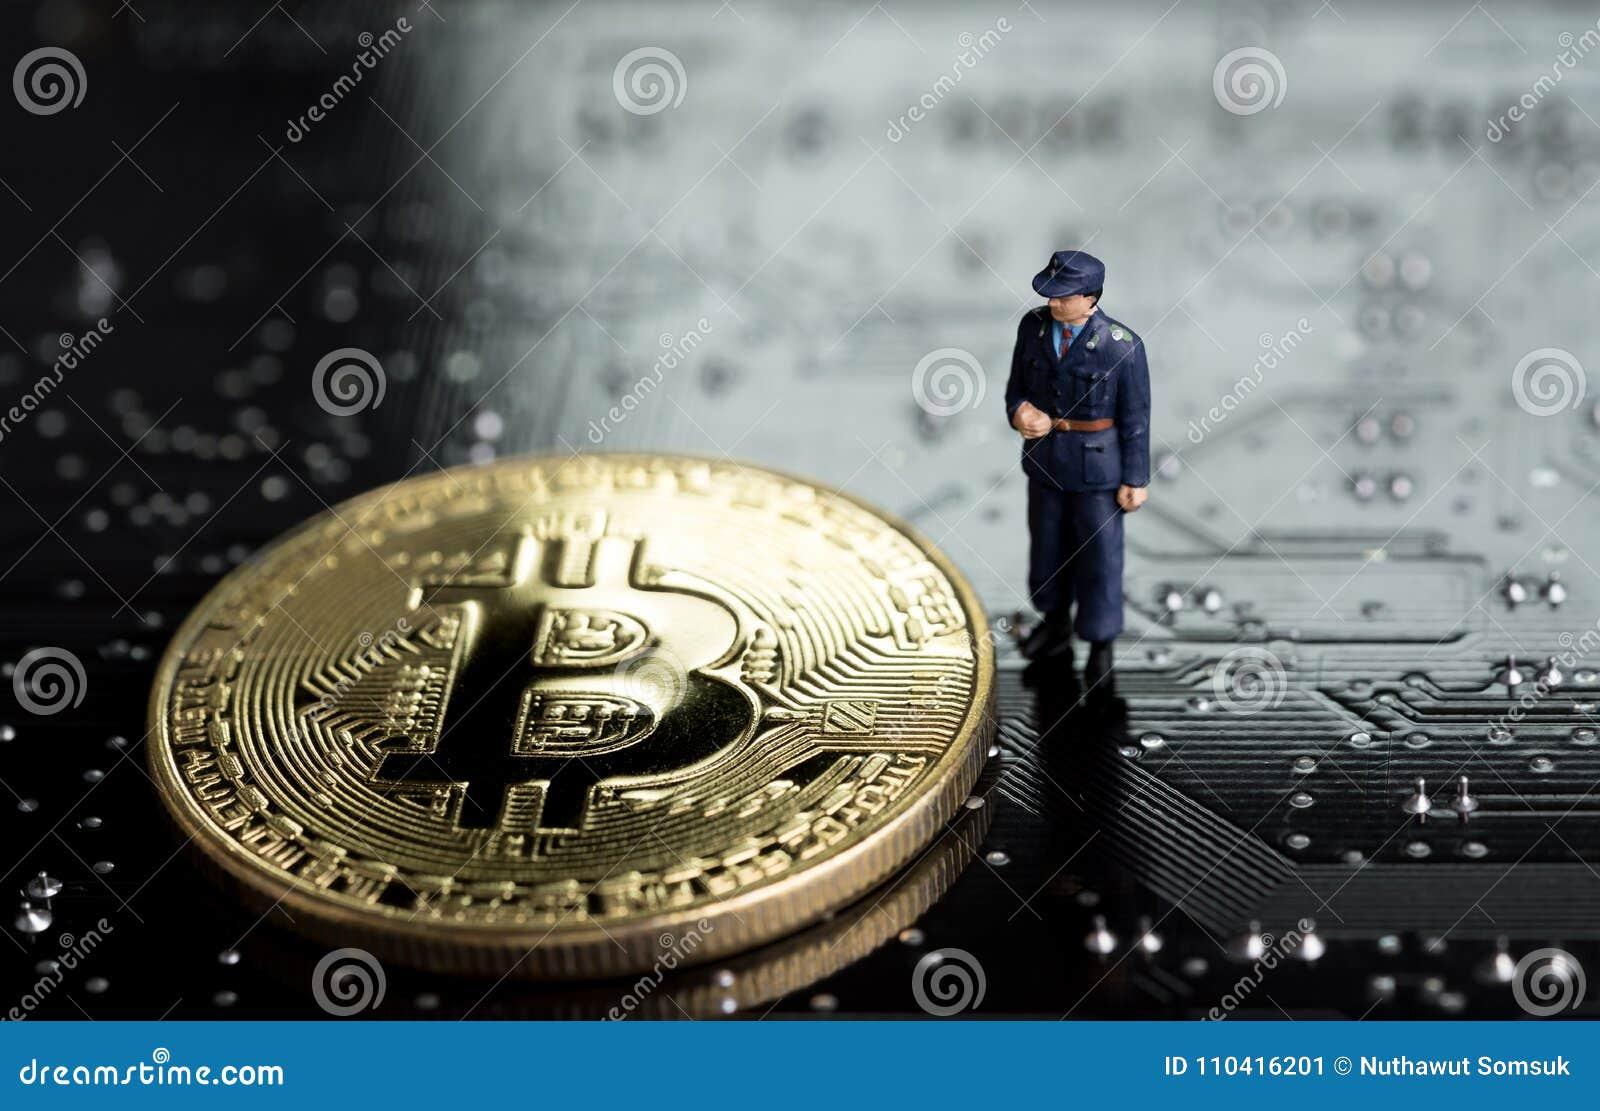 blocco catena bitcoin commercio di bitcoin software reddit